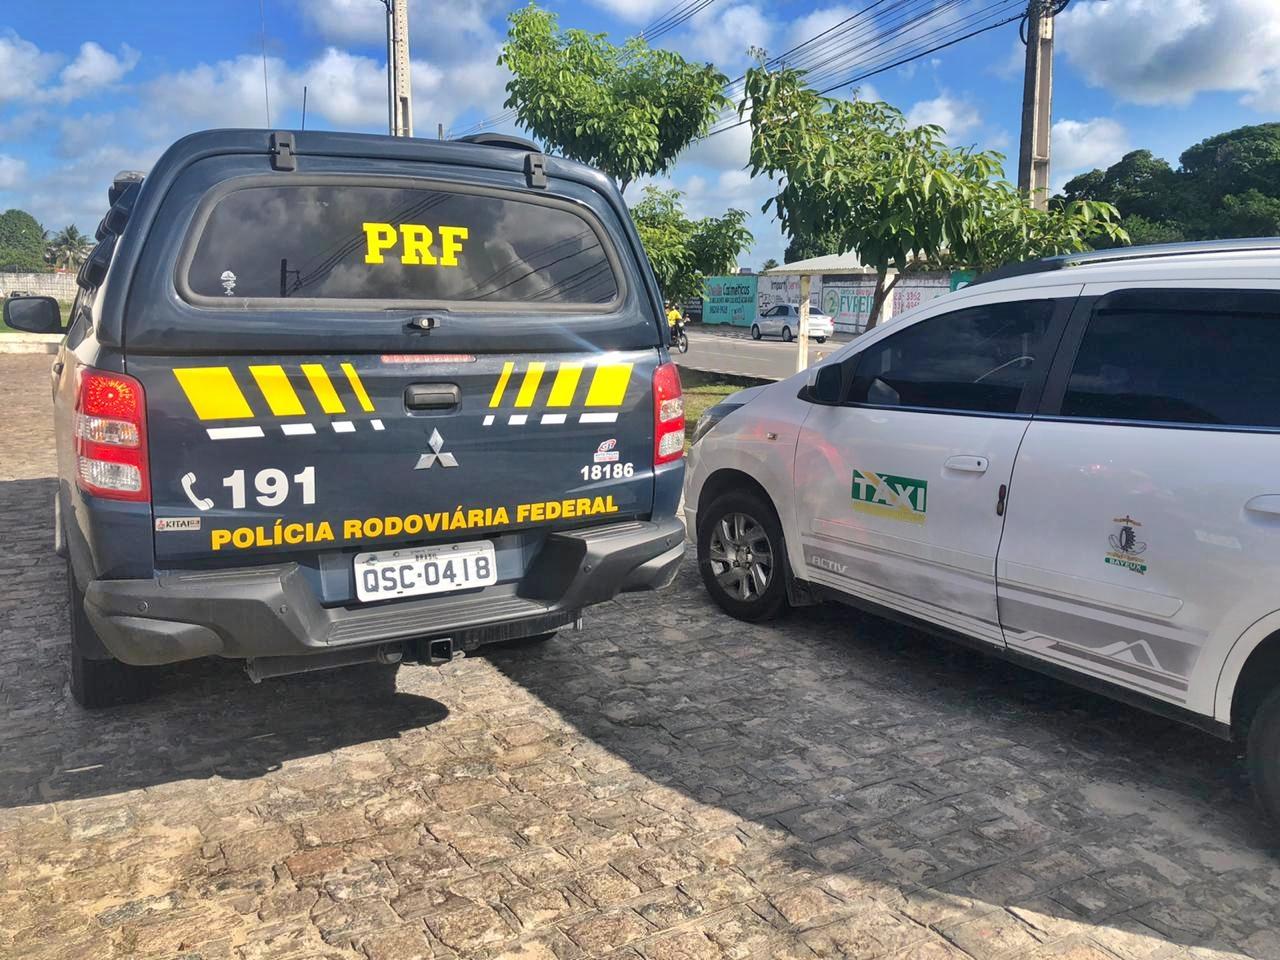 WhatsApp Image 2020 06 12 at 15.20.27 - Homem com mandado de prisão por estupro de vulnerável é preso pela PRF na Paraíba